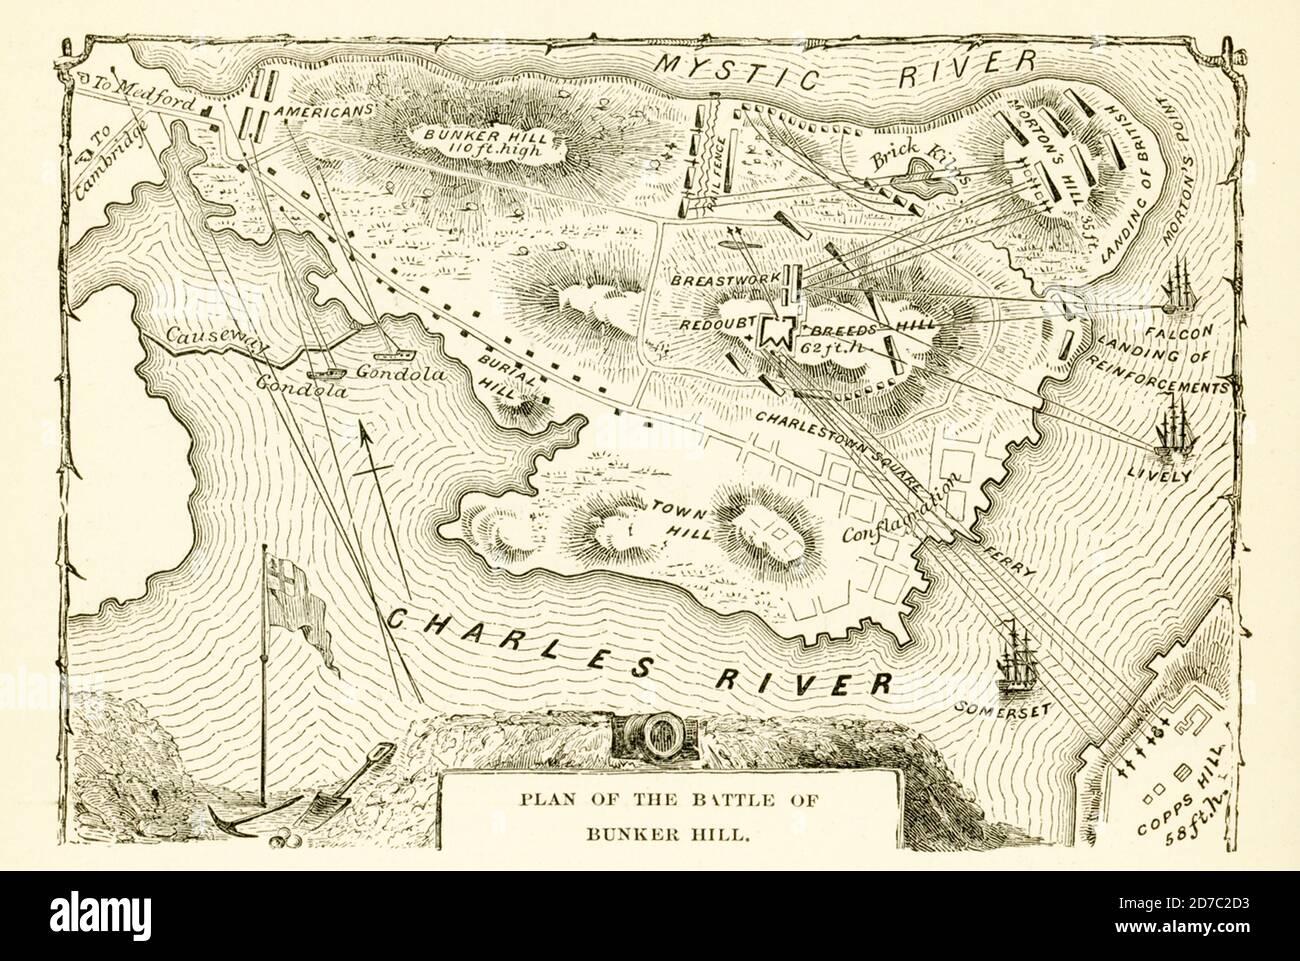 Plan de batalla de Bunker Hill. El 17 de junio de 1775, a principios de la Guerra Revolucionaria (1775-83), los británicos derrotaron a los estadounidenses en la batalla de Bunker Hill en Massachusetts. A pesar de su pérdida, las inexperimentadas fuerzas coloniales infligieron bajas significativas contra el enemigo, y la batalla les dio un importante impulso de confianza durante el asedio de Boston (abril de 1775-marzo de 1776). Aunque comúnmente se conoce como la Batalla de Bunker Hill, la mayoría de los combates se produjeron en la cercana Breed's Hill. Foto de stock